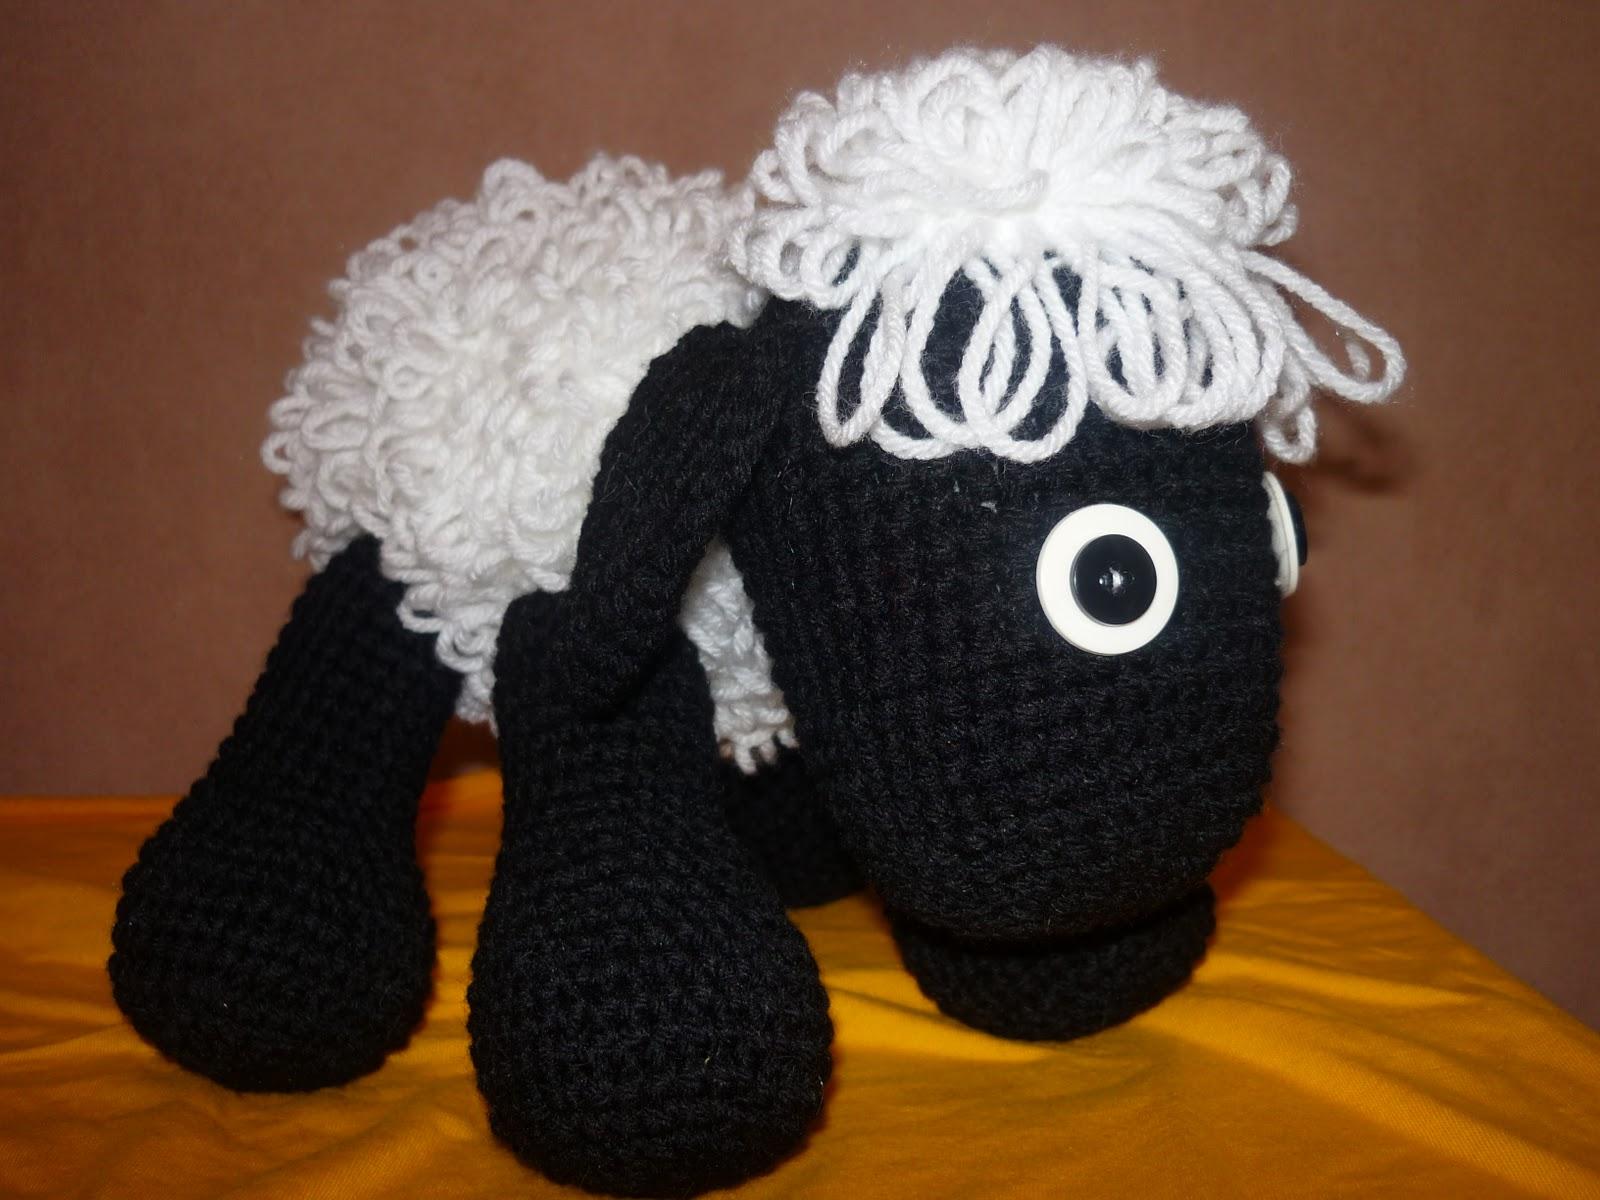 Amigurumi Patrones Gratis : Tejiendo Suenos: Oveja Amigurumi crochet + Patron